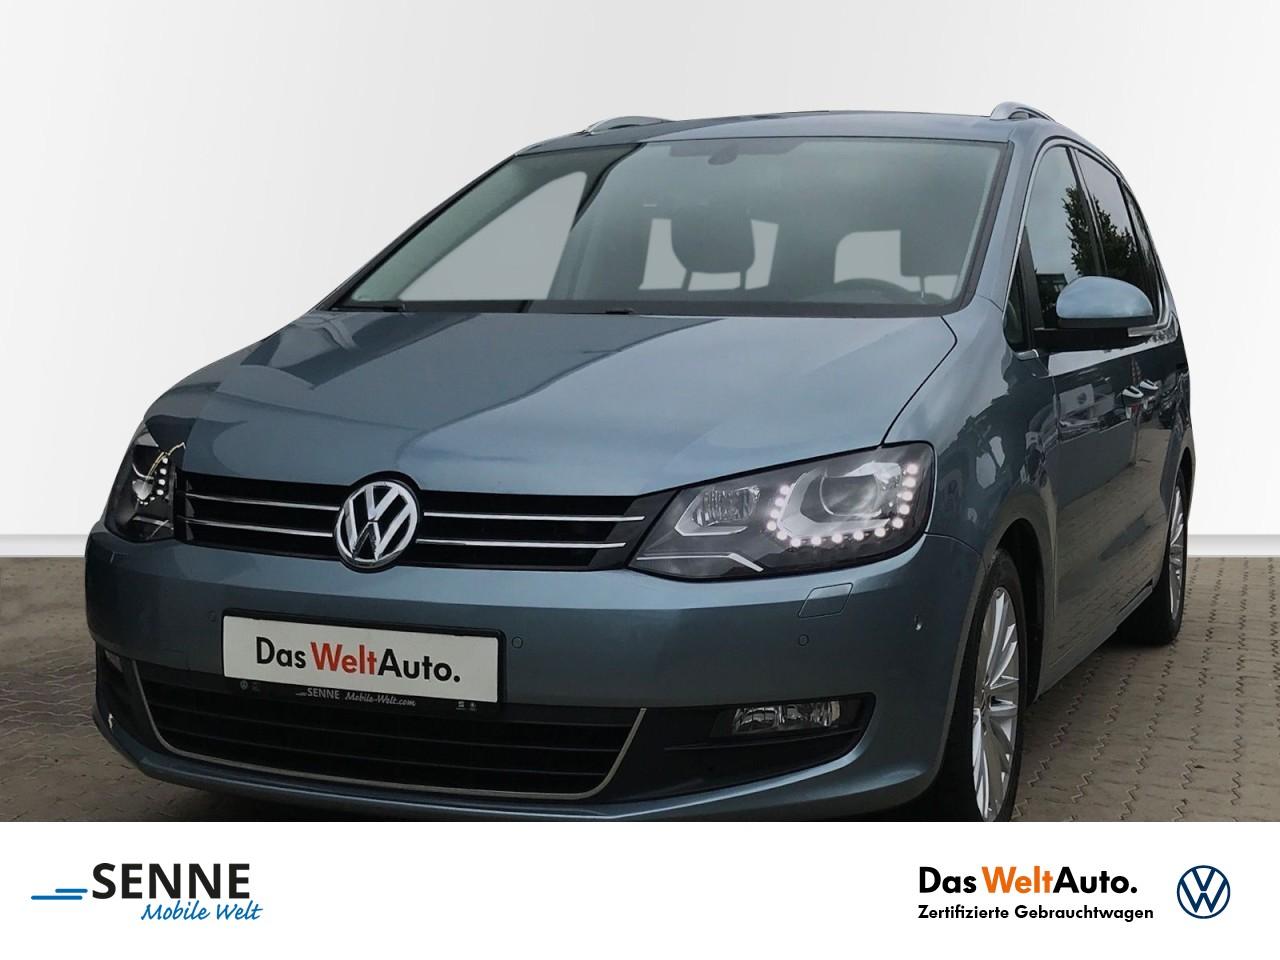 Volkswagen Sharan 2.0 TSI DSG Cup, Xenon, 7 Sitze, AHK,, Jahr 2014, Benzin